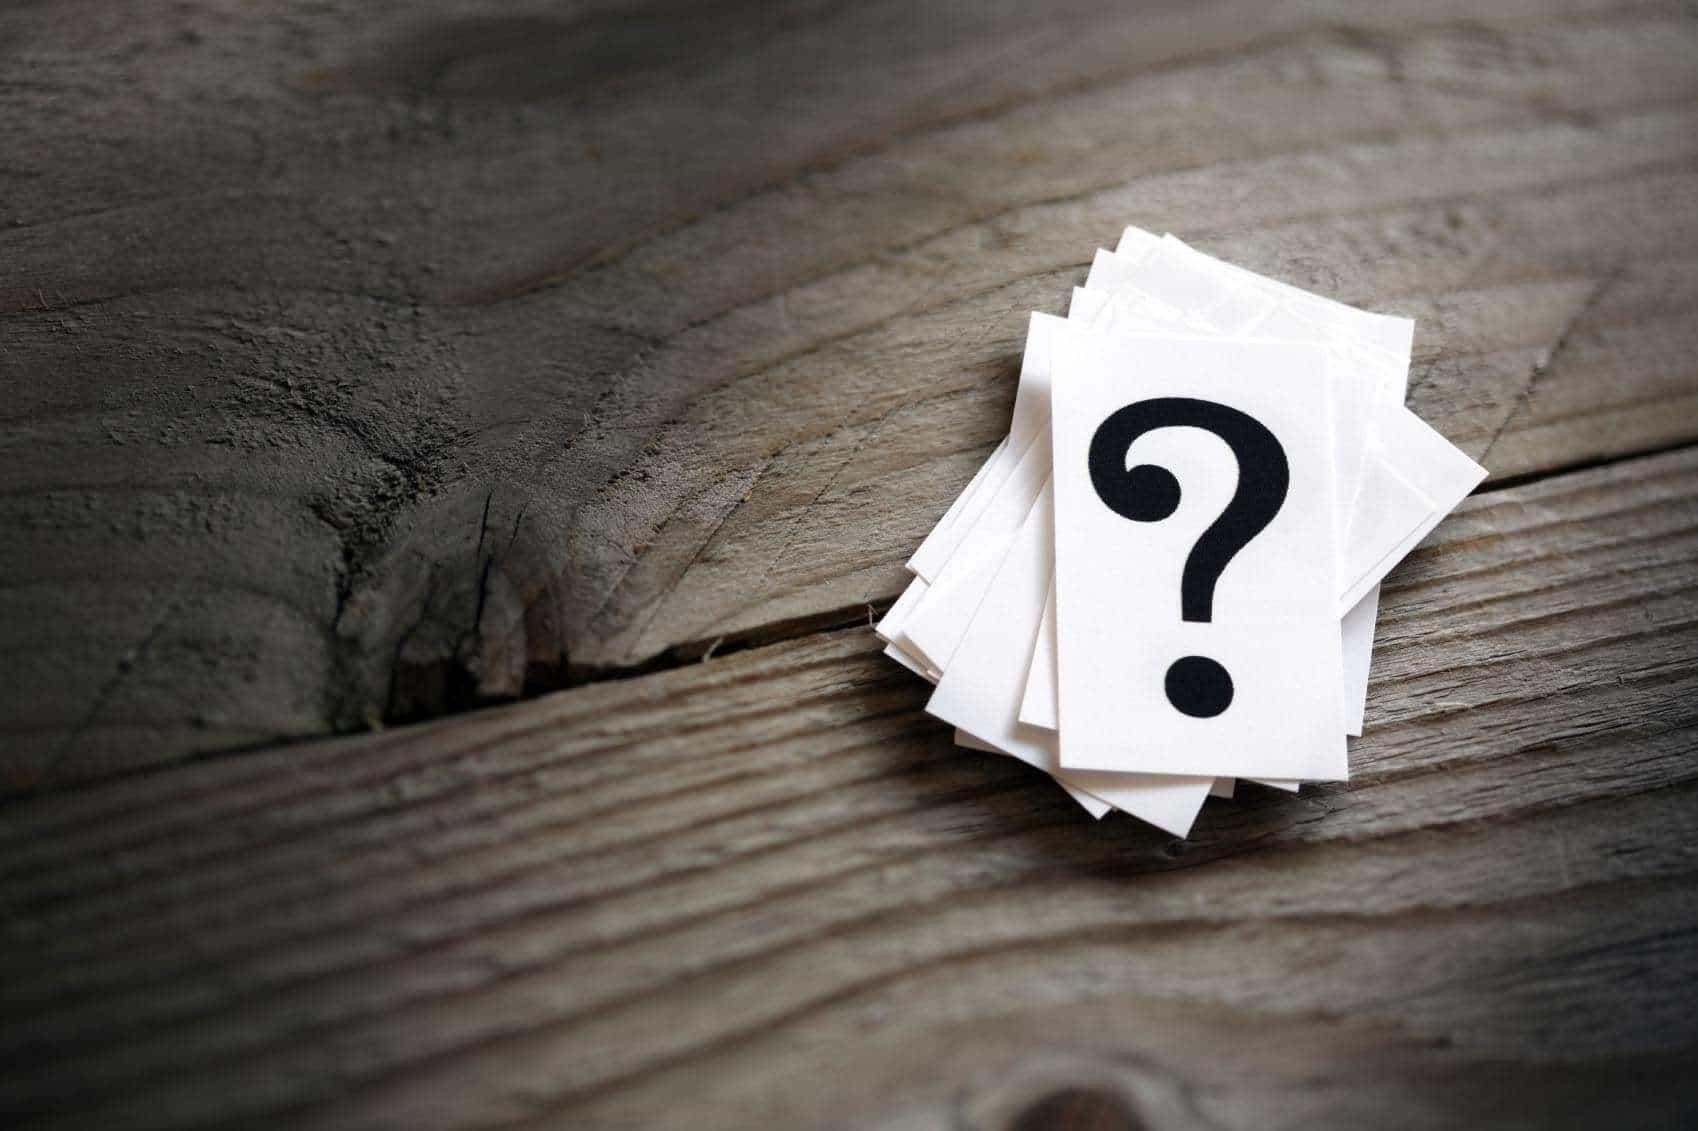 Можно ли оформить полис ОСАГО без владельца машины на другого человека?